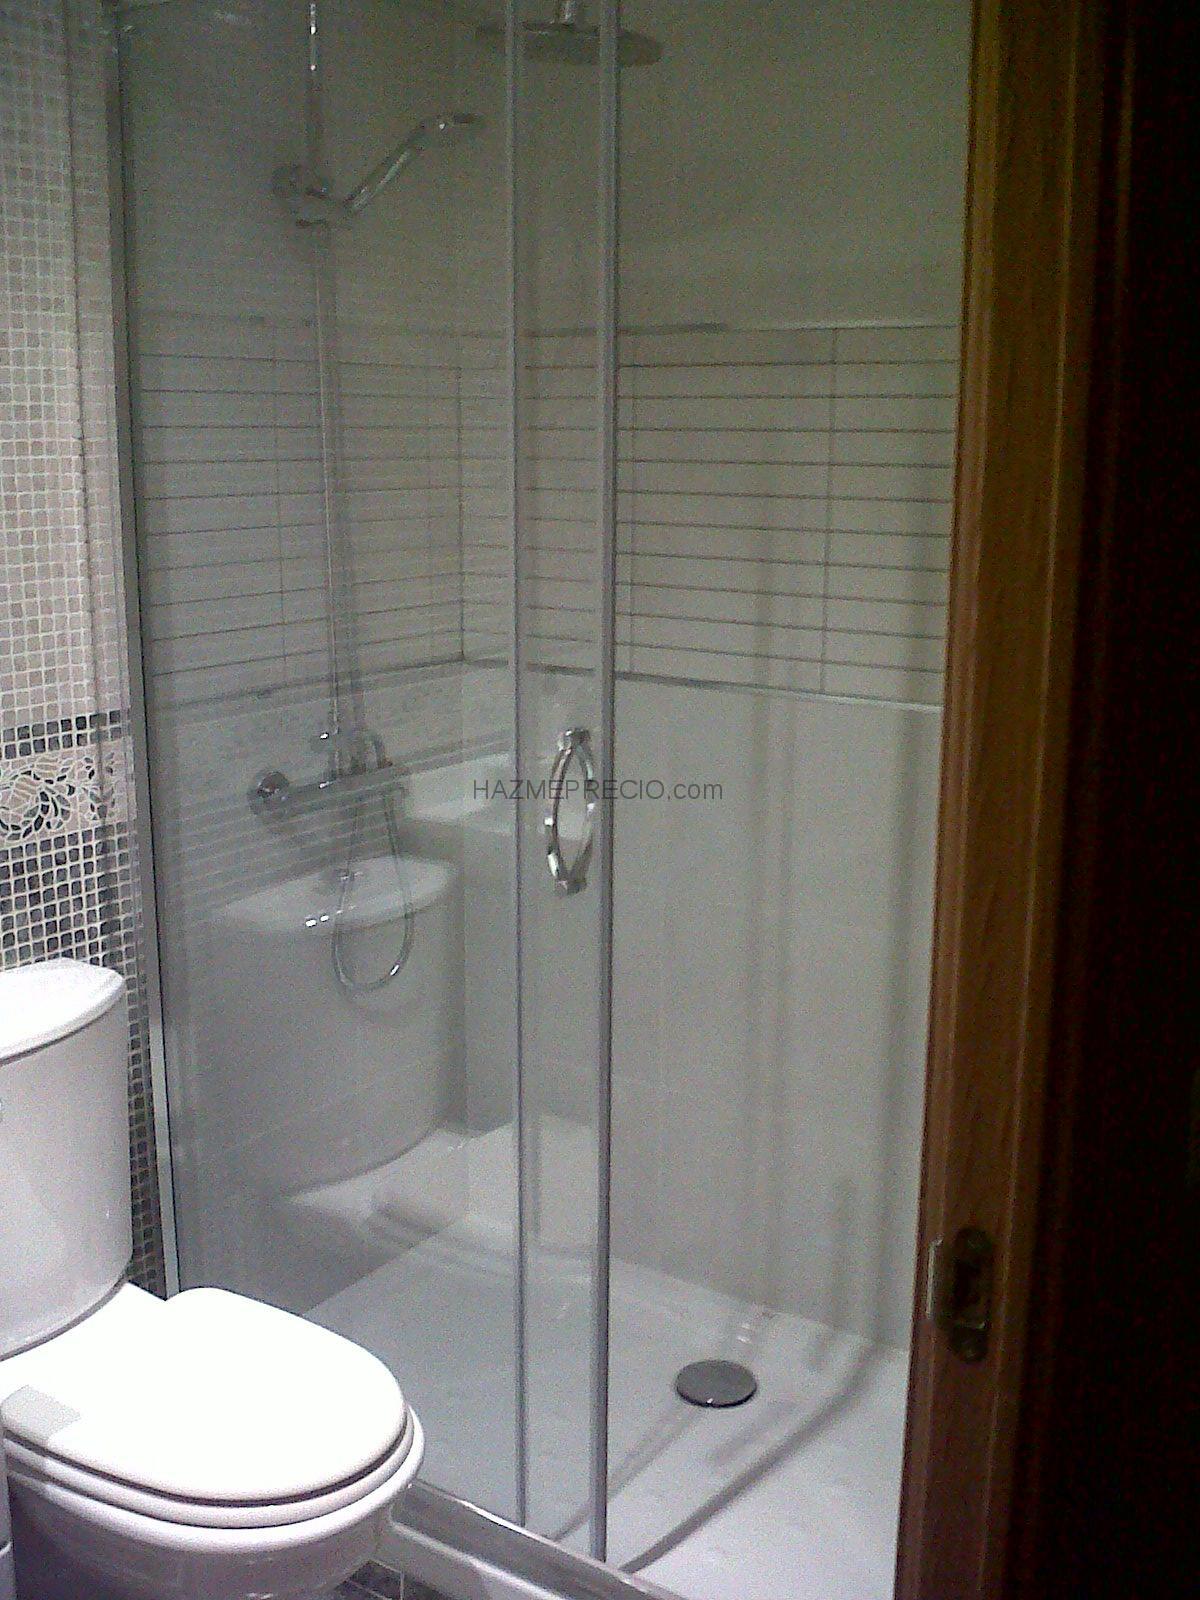 Presupuesto para cambiar plato y mampara ducha alcorc n for Plato ducha 120x70